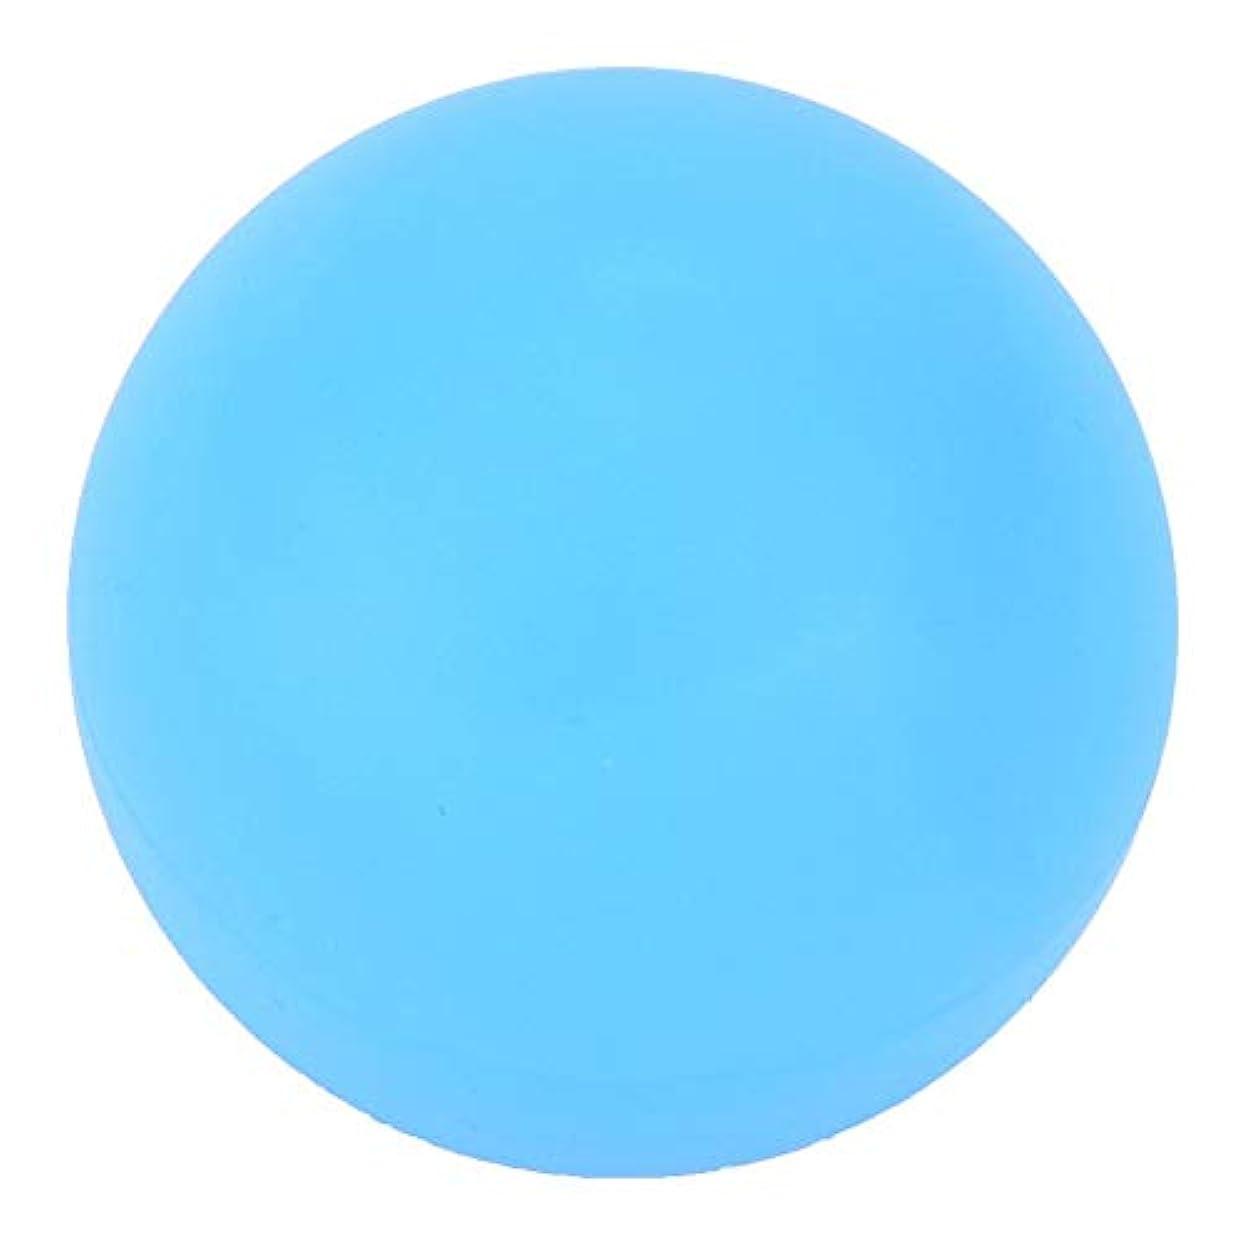 主要な画面ゴールデンマッサージボール 使いやすい 安全便利 トレーニング 首/肩/背中/腰/ふくらはぎ/足裏 ツボ押しグッズ 筋肉リラックスツール